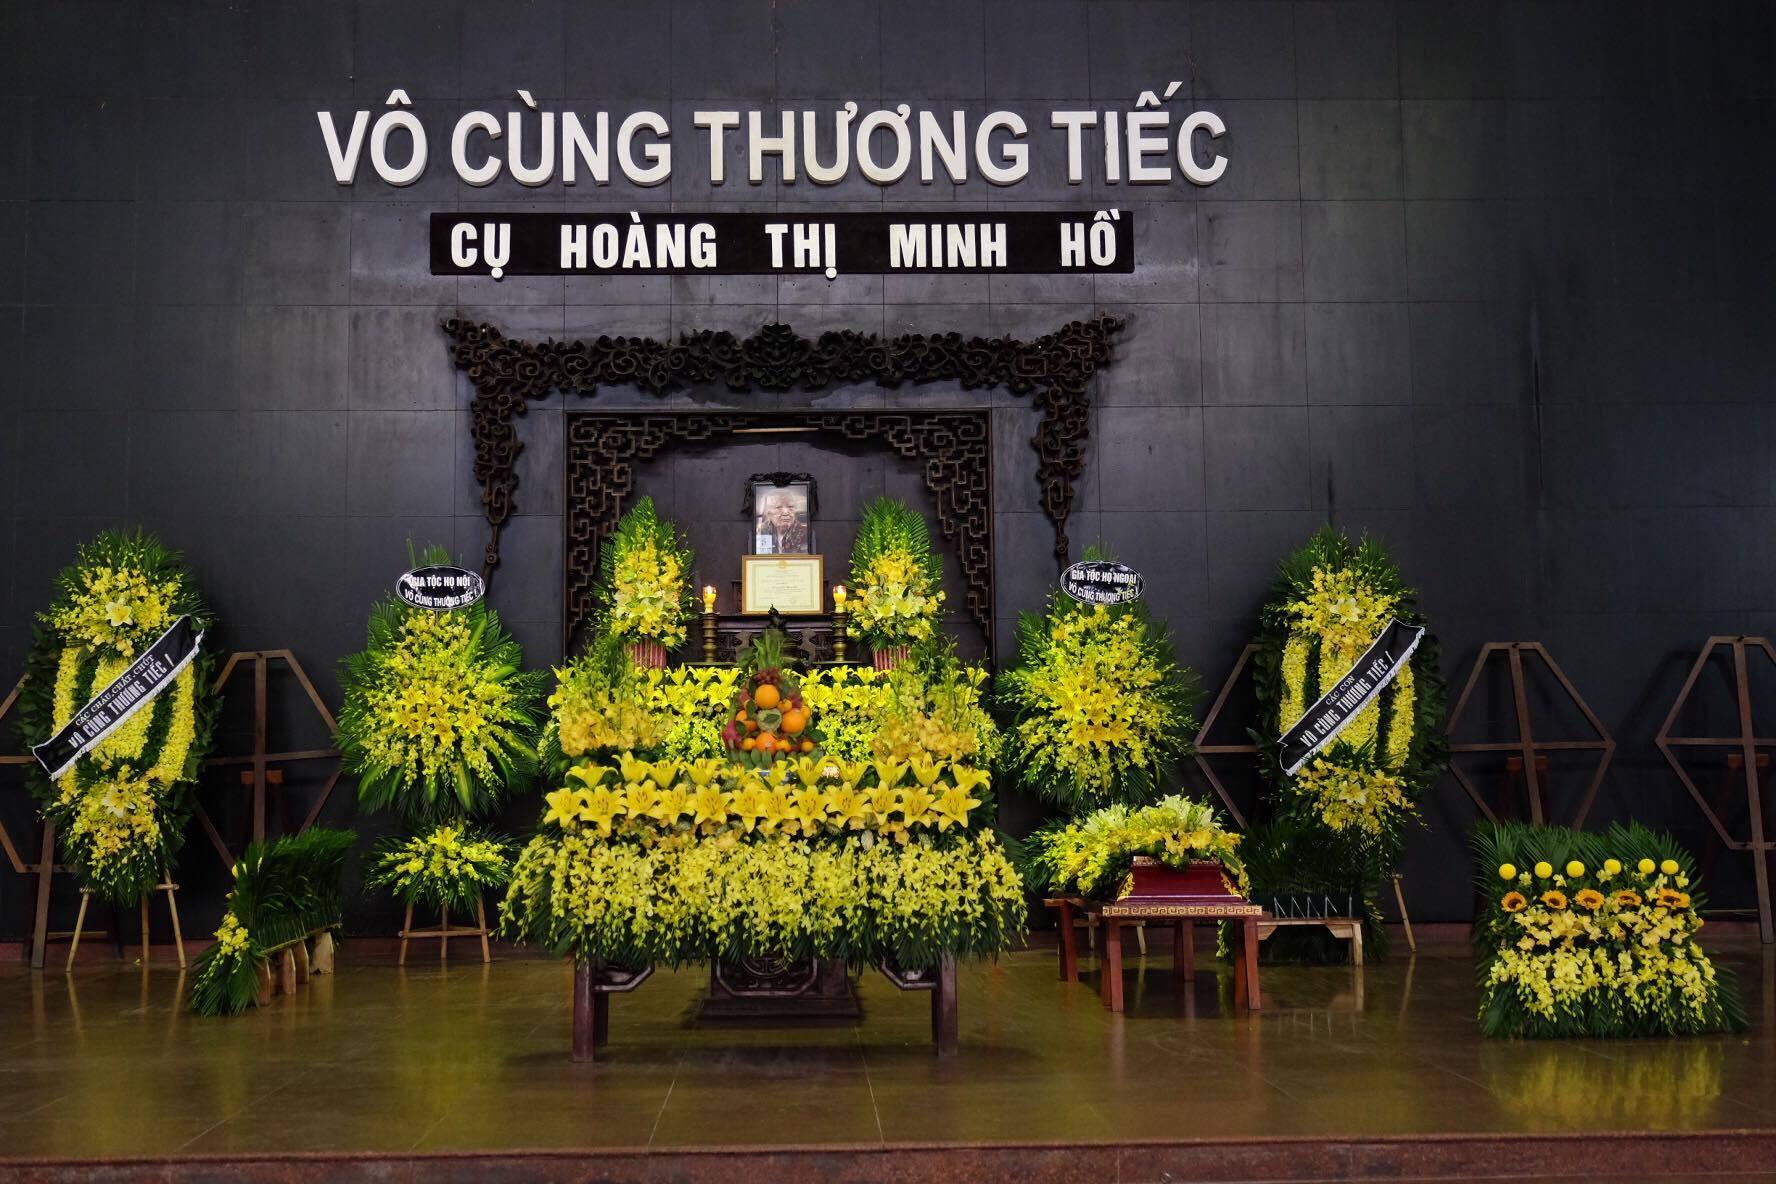 Tang lễ cụ Hoàng Thị Minh Hồ - người hiến hơn 5.000 lượng vàng cho nhà nước theo nghi thức cấp cao - Ảnh 1.